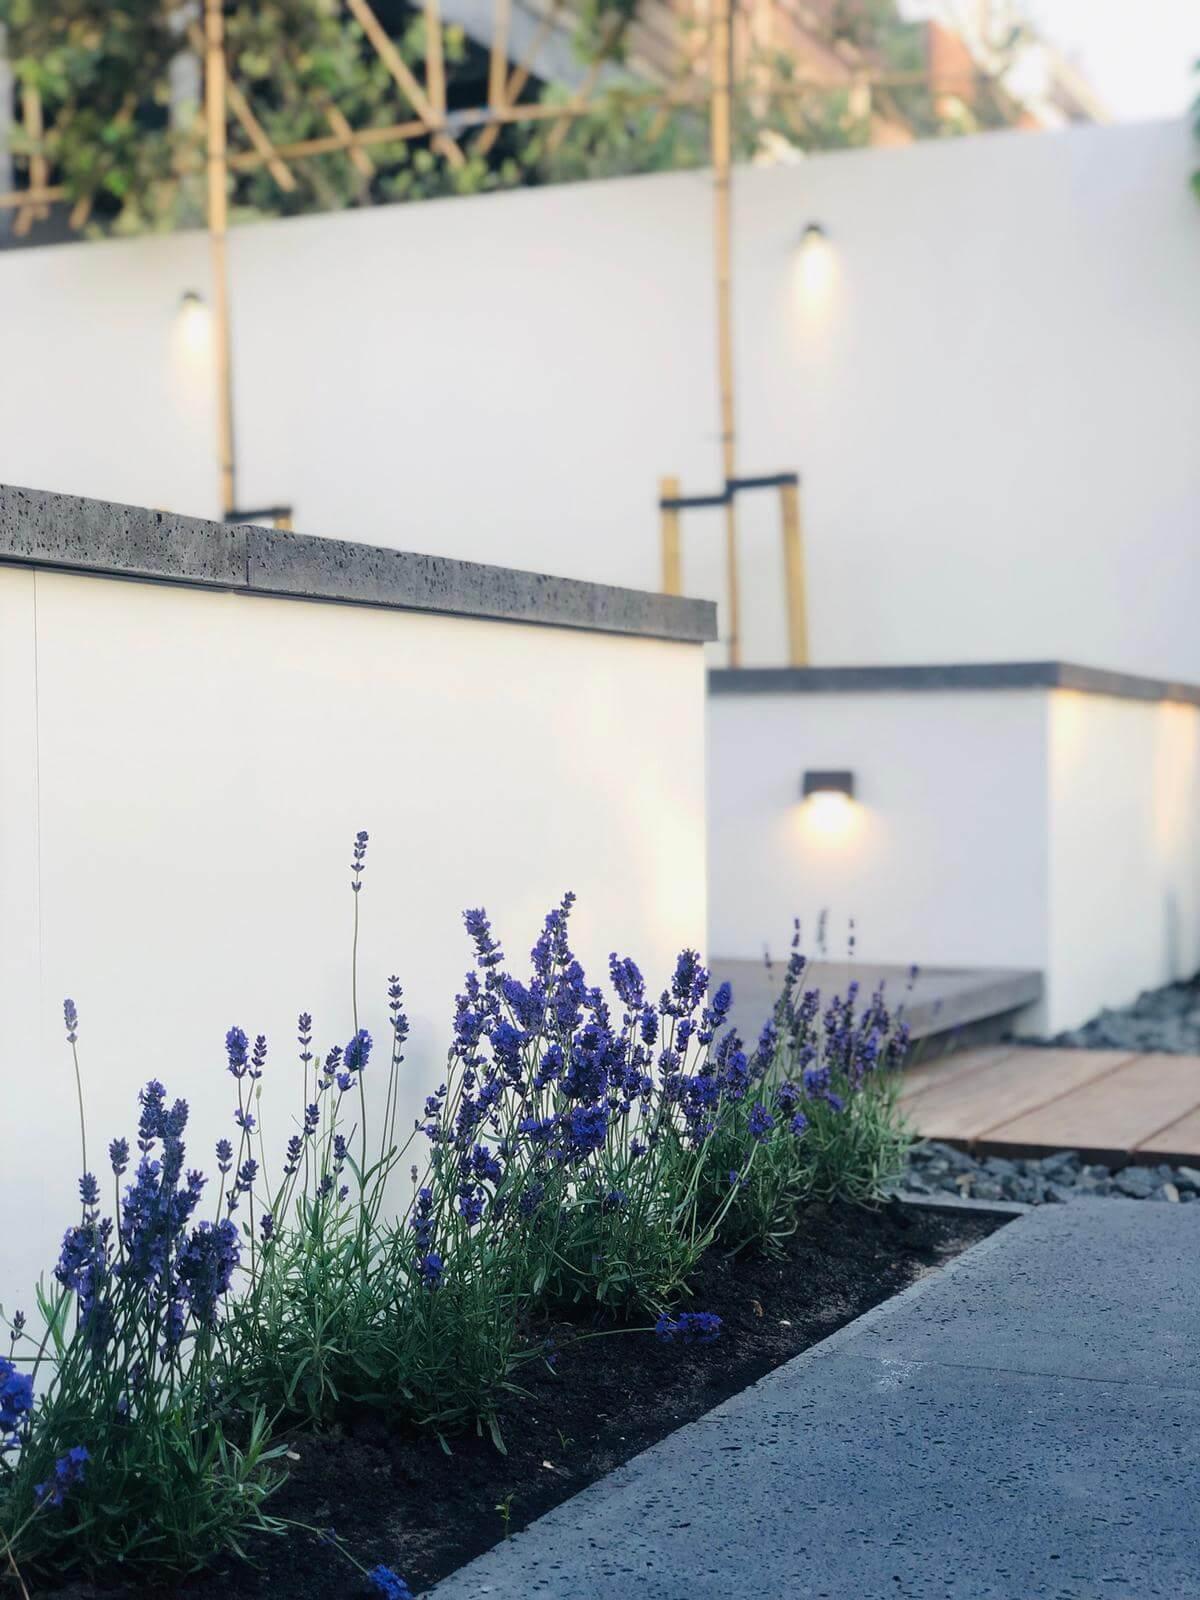 lavendel in tuin beplantingsplan